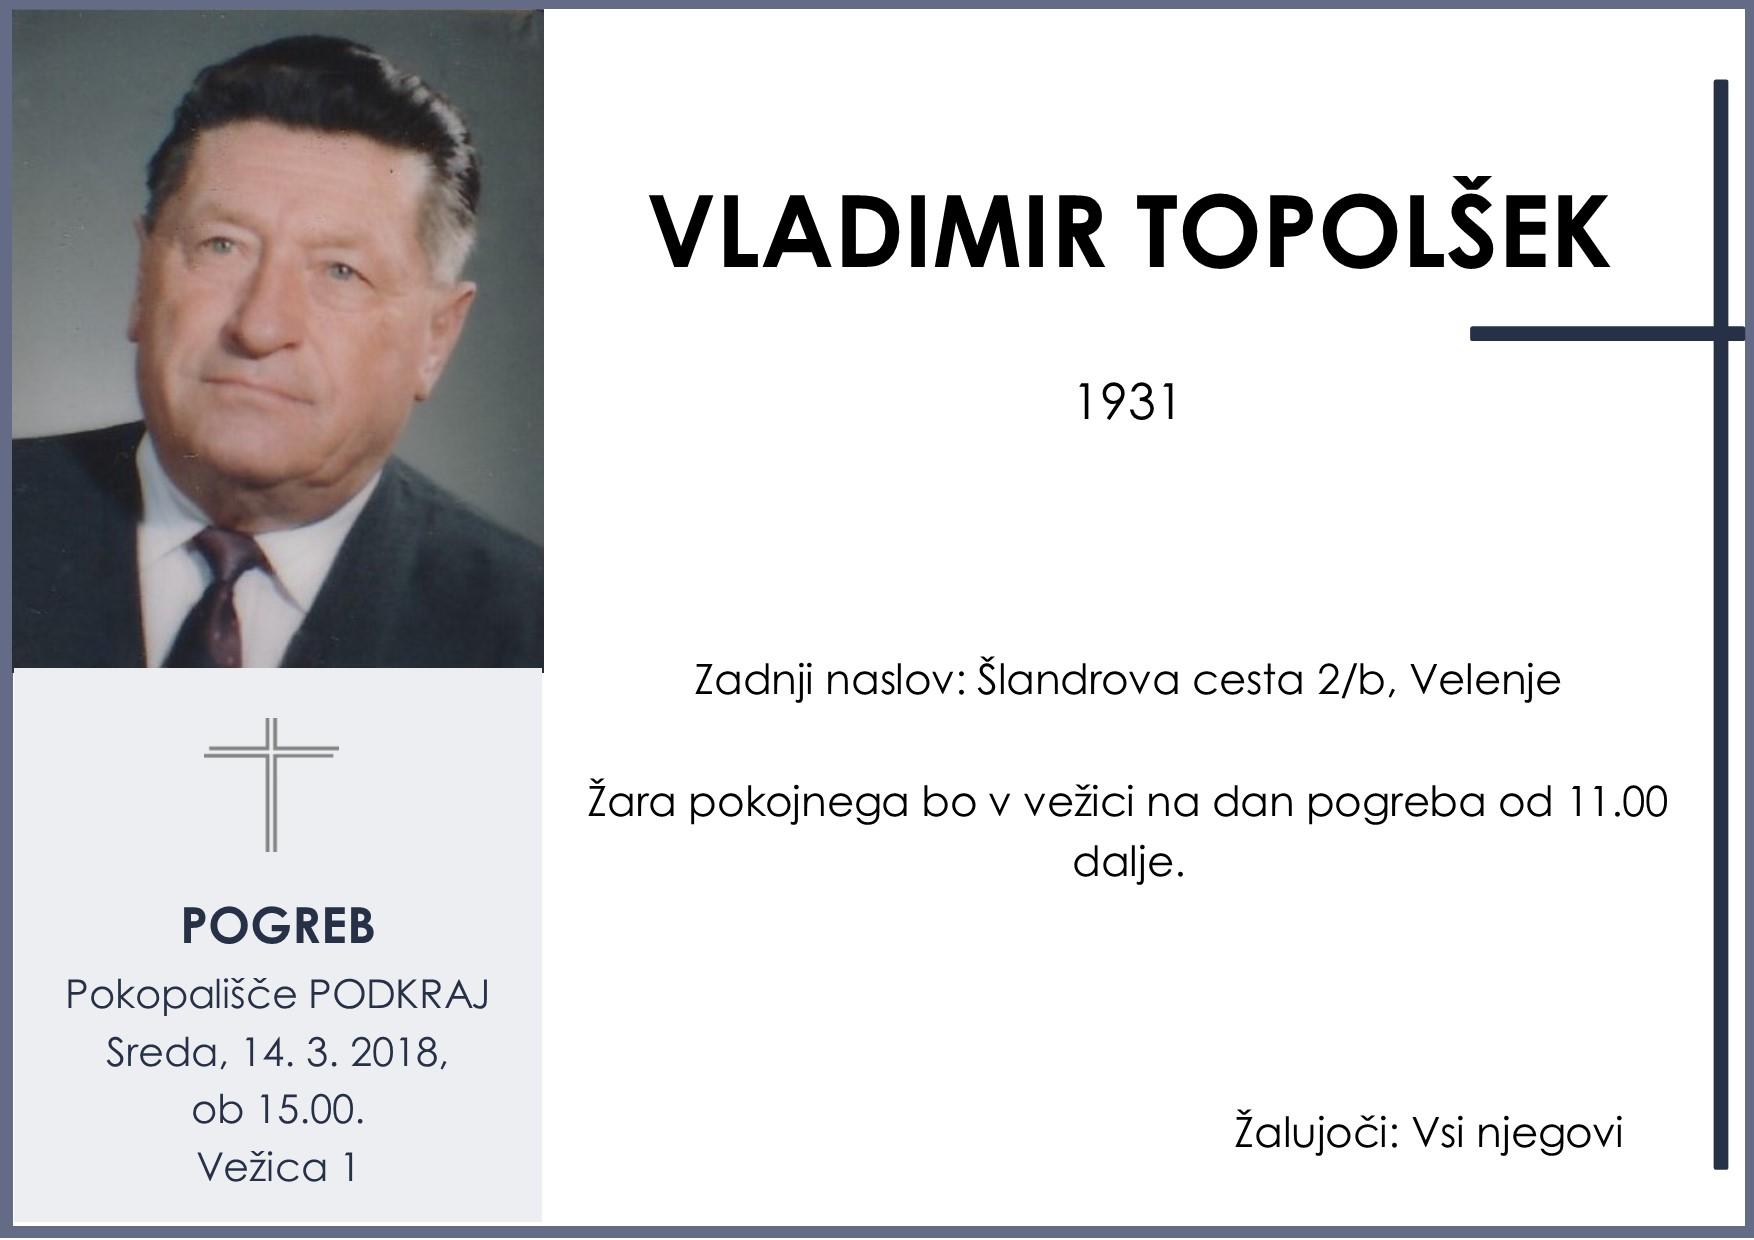 VLADIMIR TOPOLŠEK, Podkraj, 14. 03. 2018